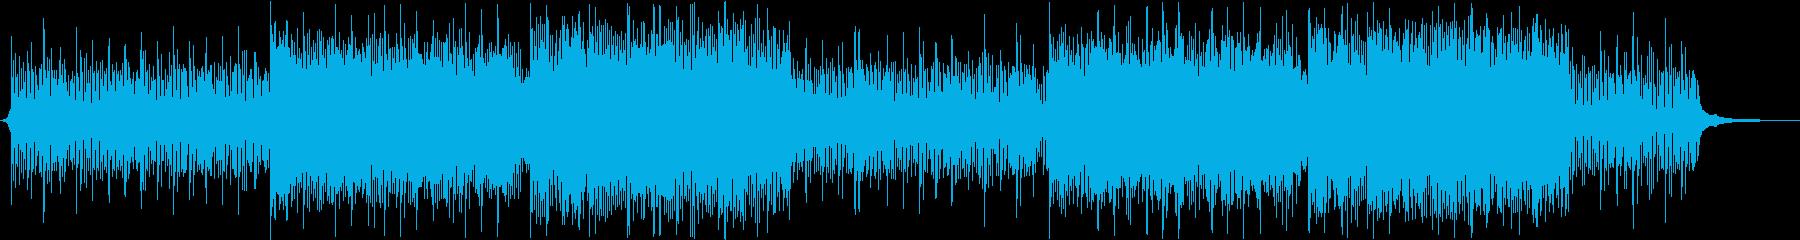 クールでおしゃれなコポレート曲の再生済みの波形